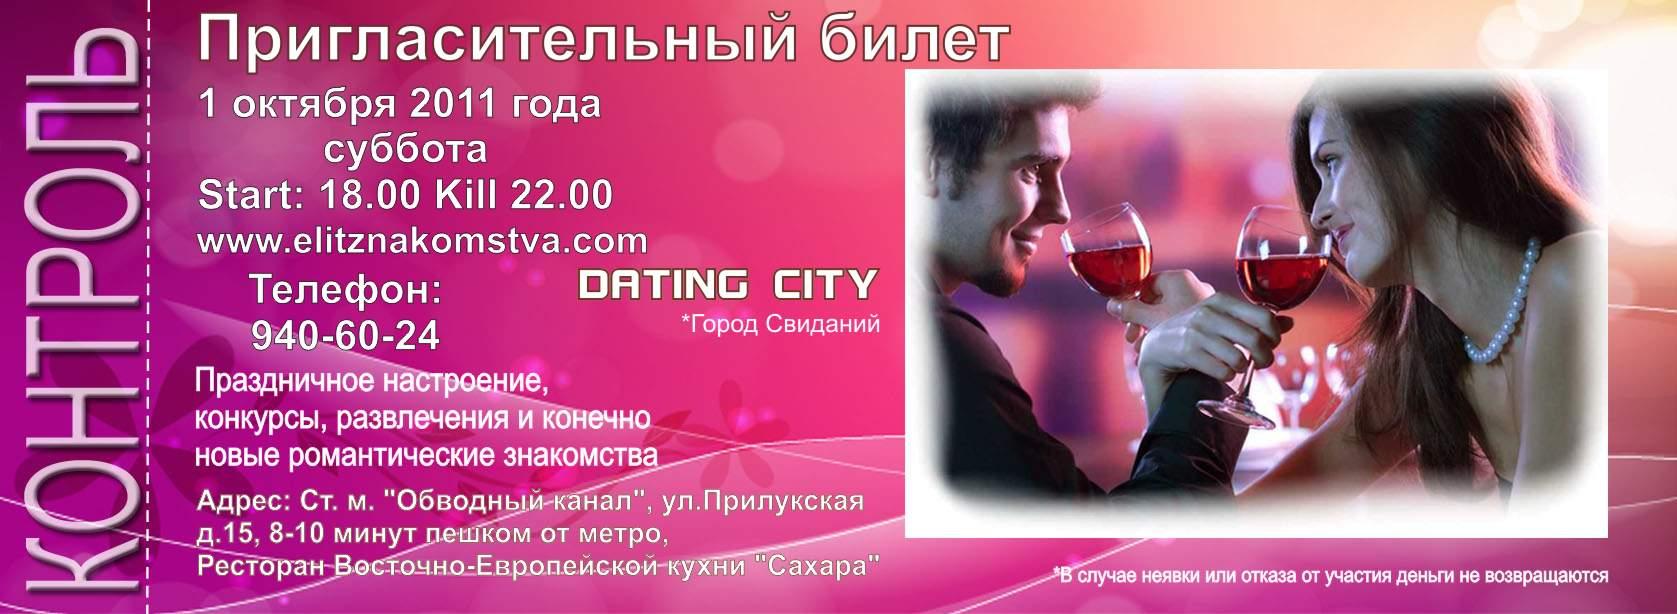 Города агенства знакомств